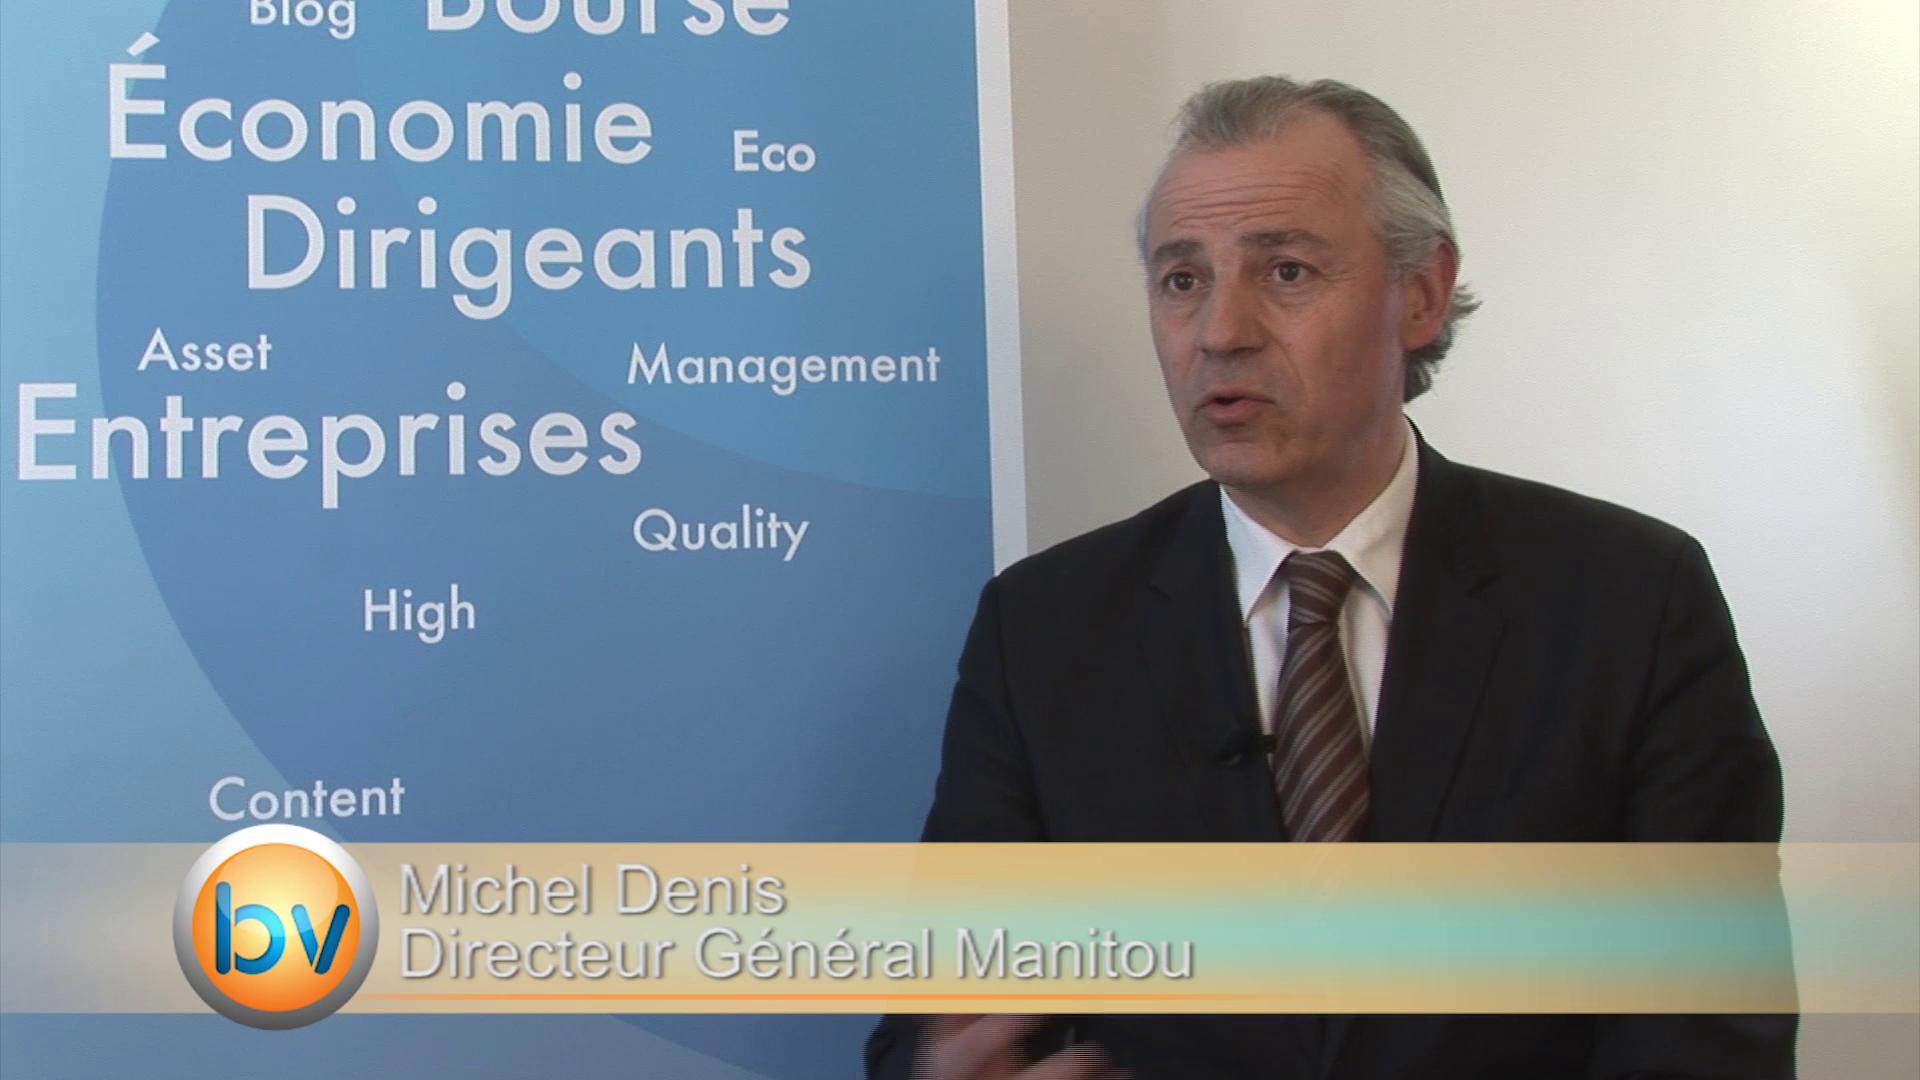 Michel Denis Directeur Général Manitou : «L'innovation reste importante avec des nouveaux produits»